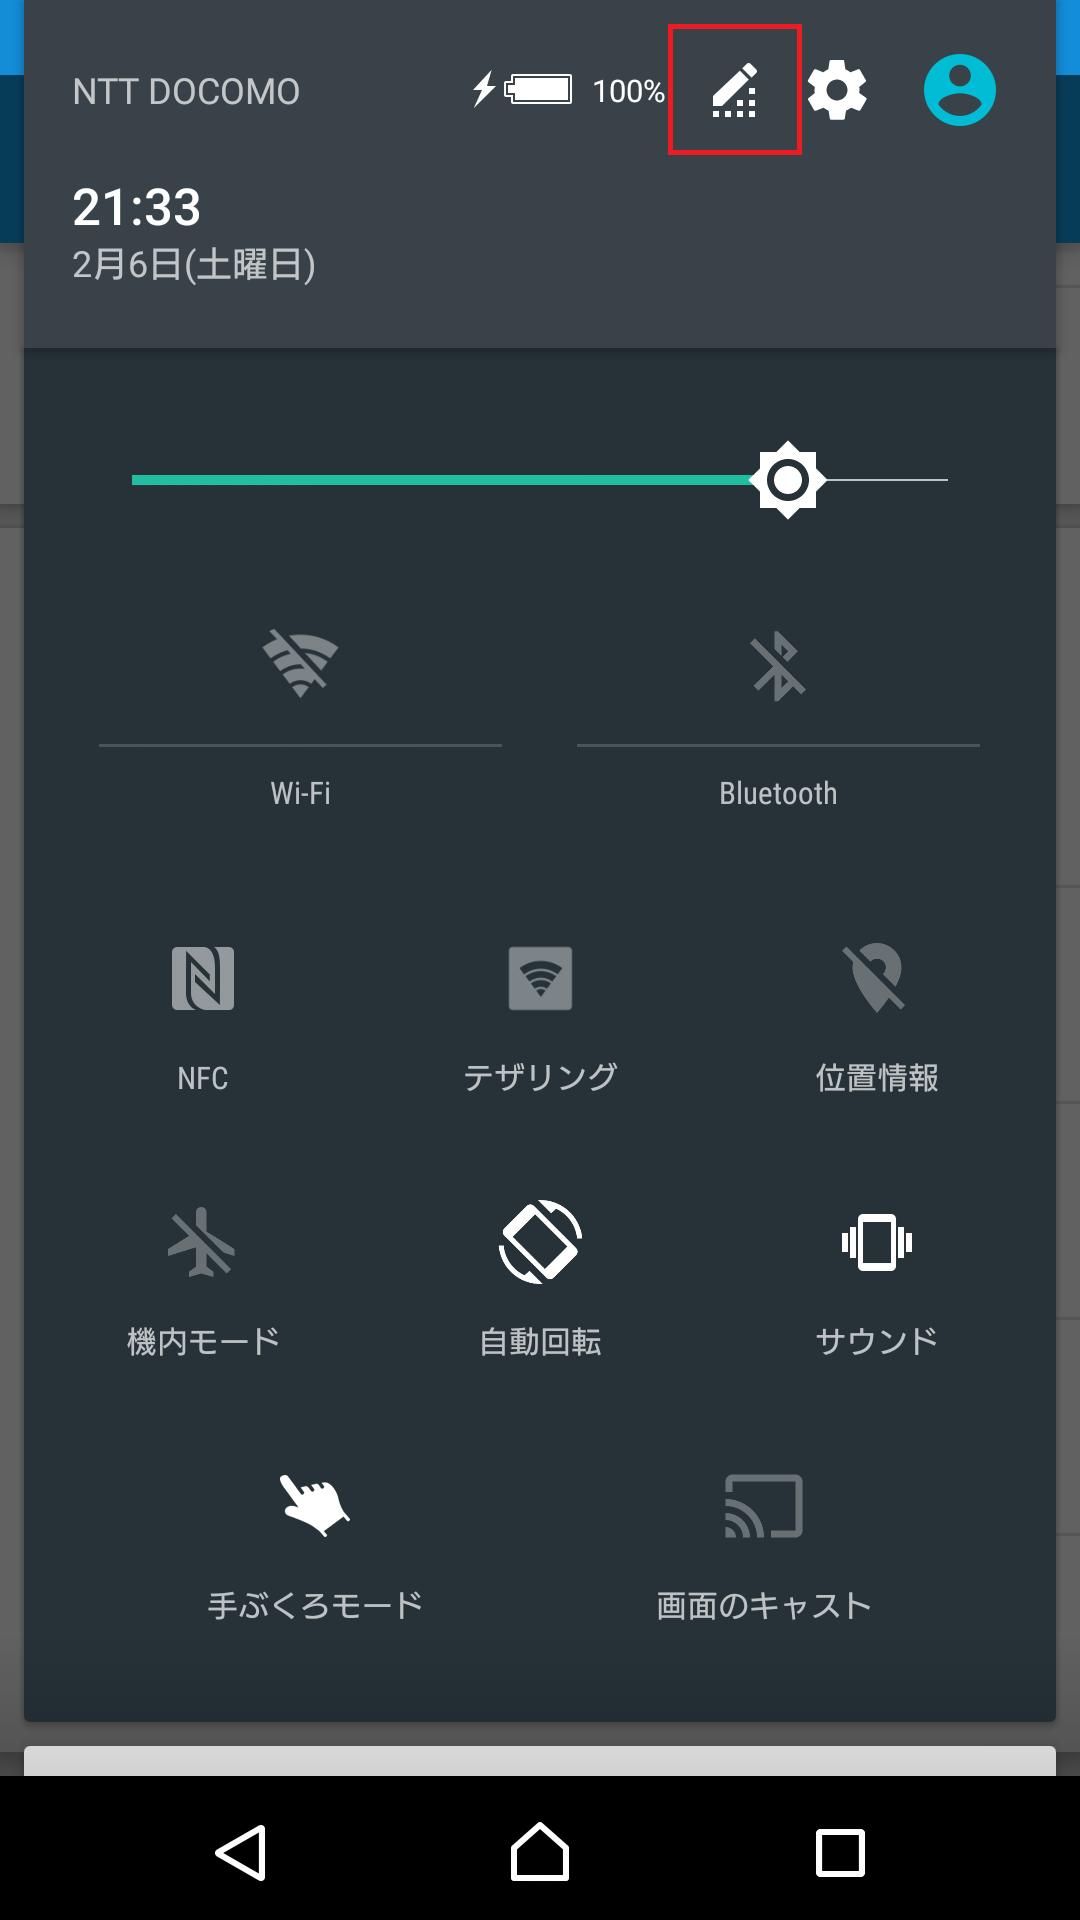 クイック設定ツール編集ボタン